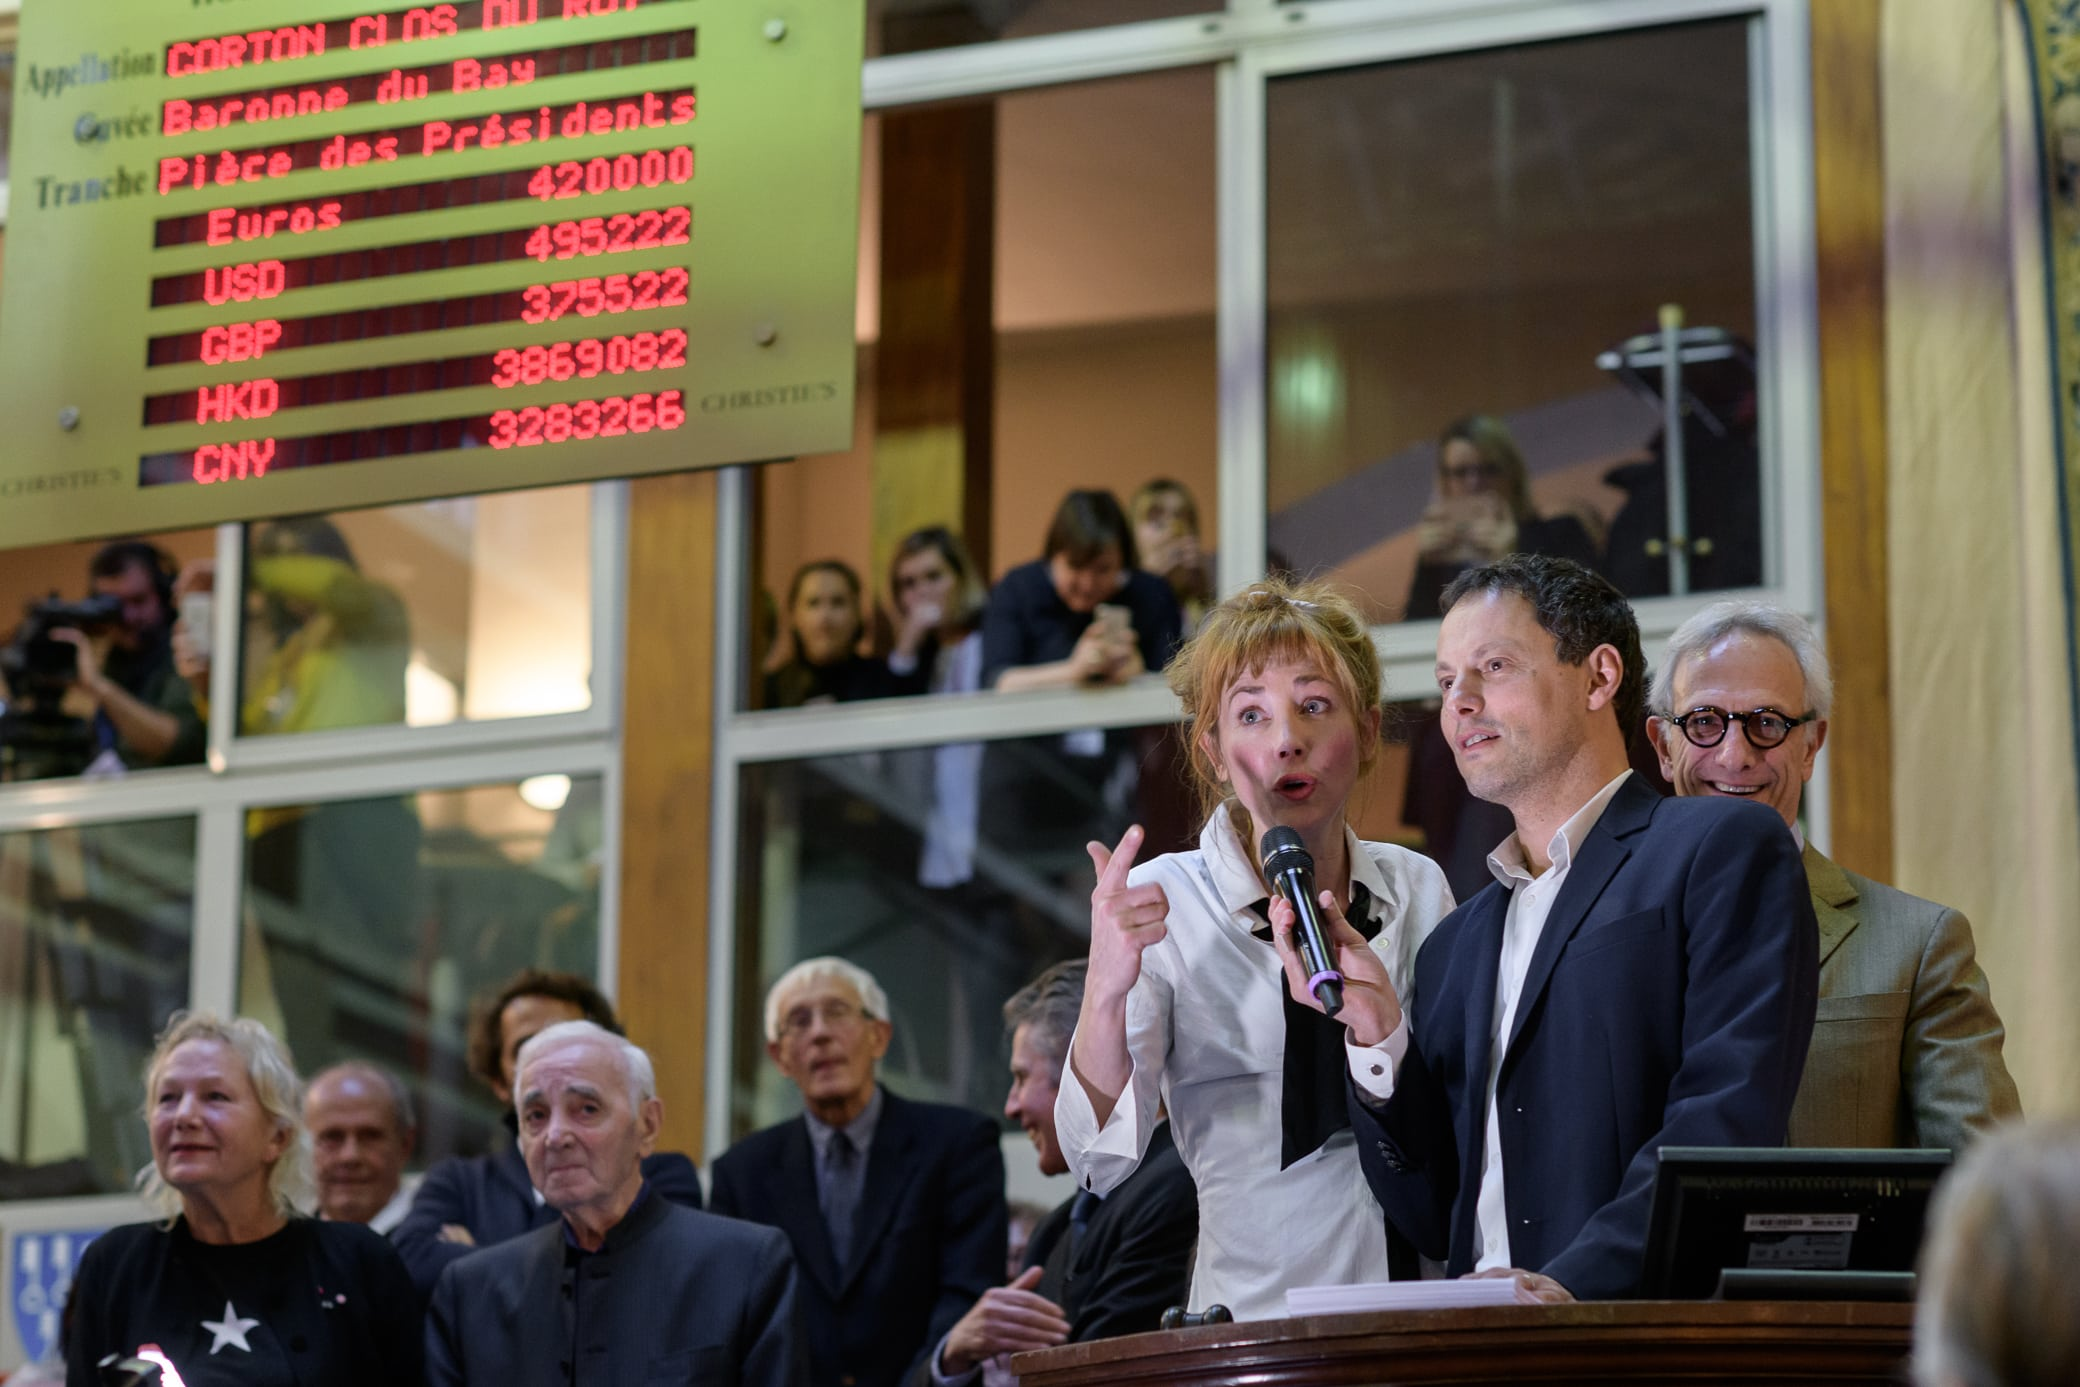 420 000 euros pour les pièces des Présidents !